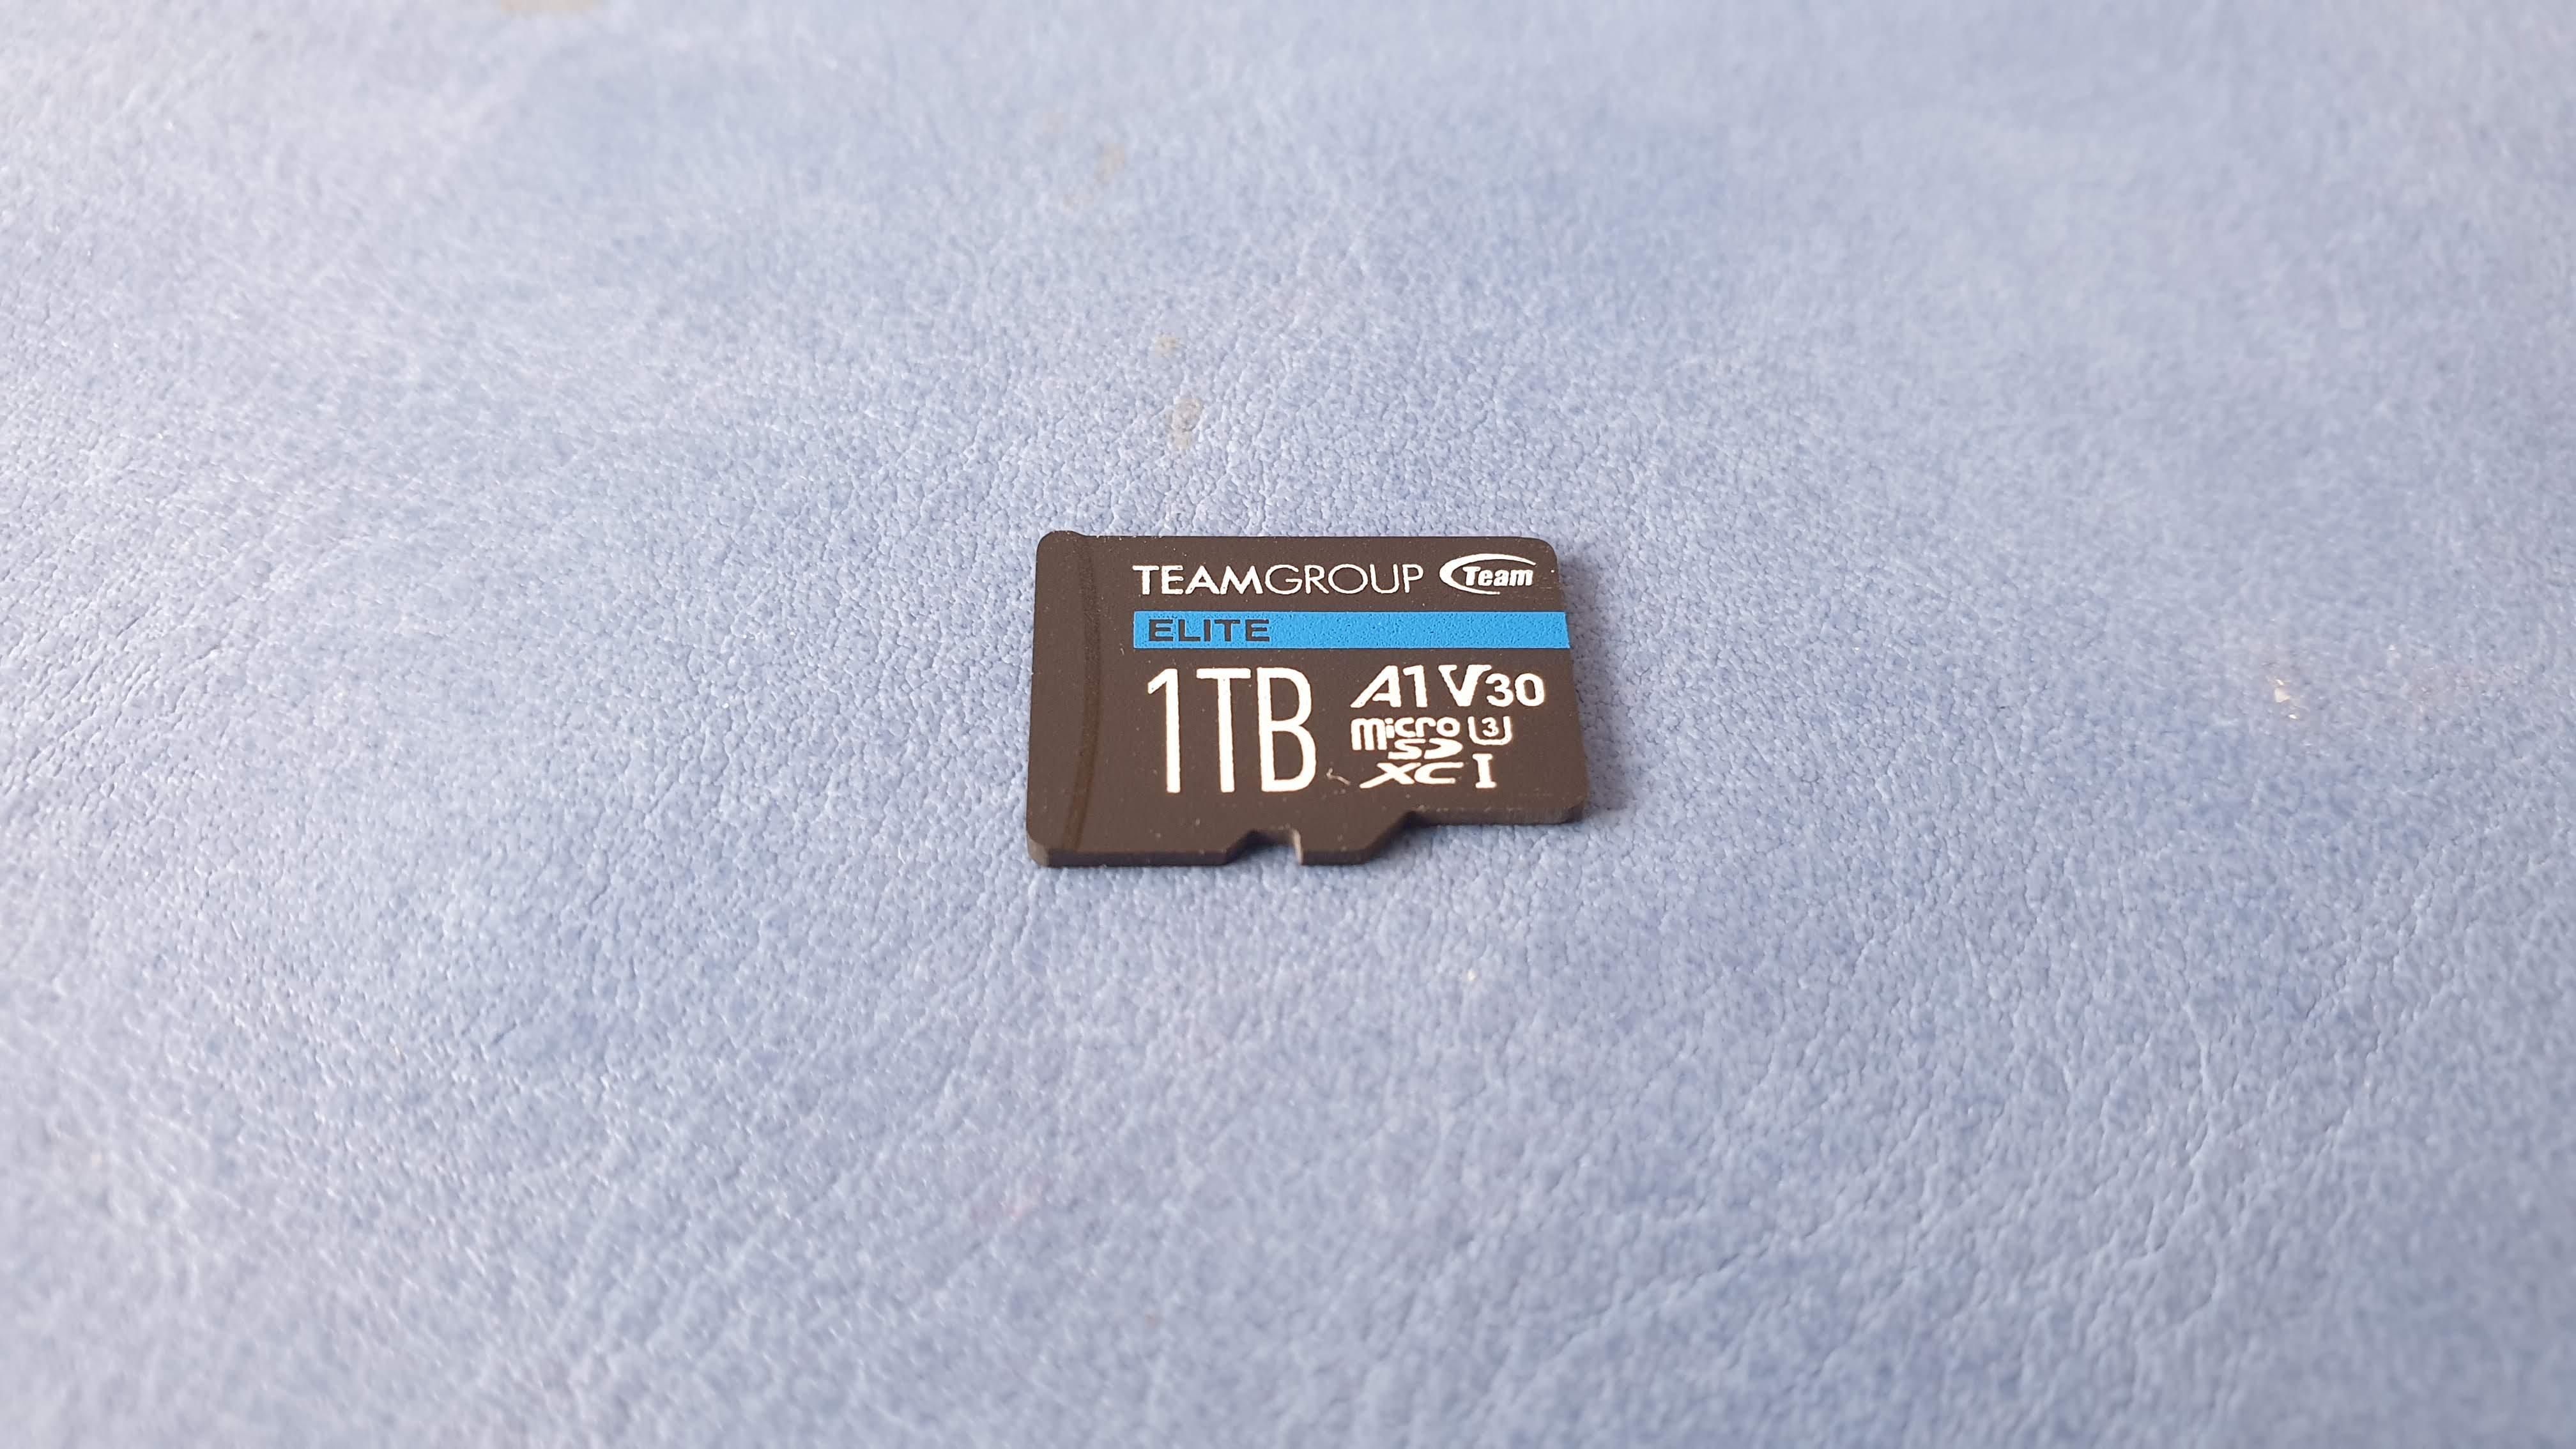 Tarjeta microSD Teamgroup Elite A1 1TB